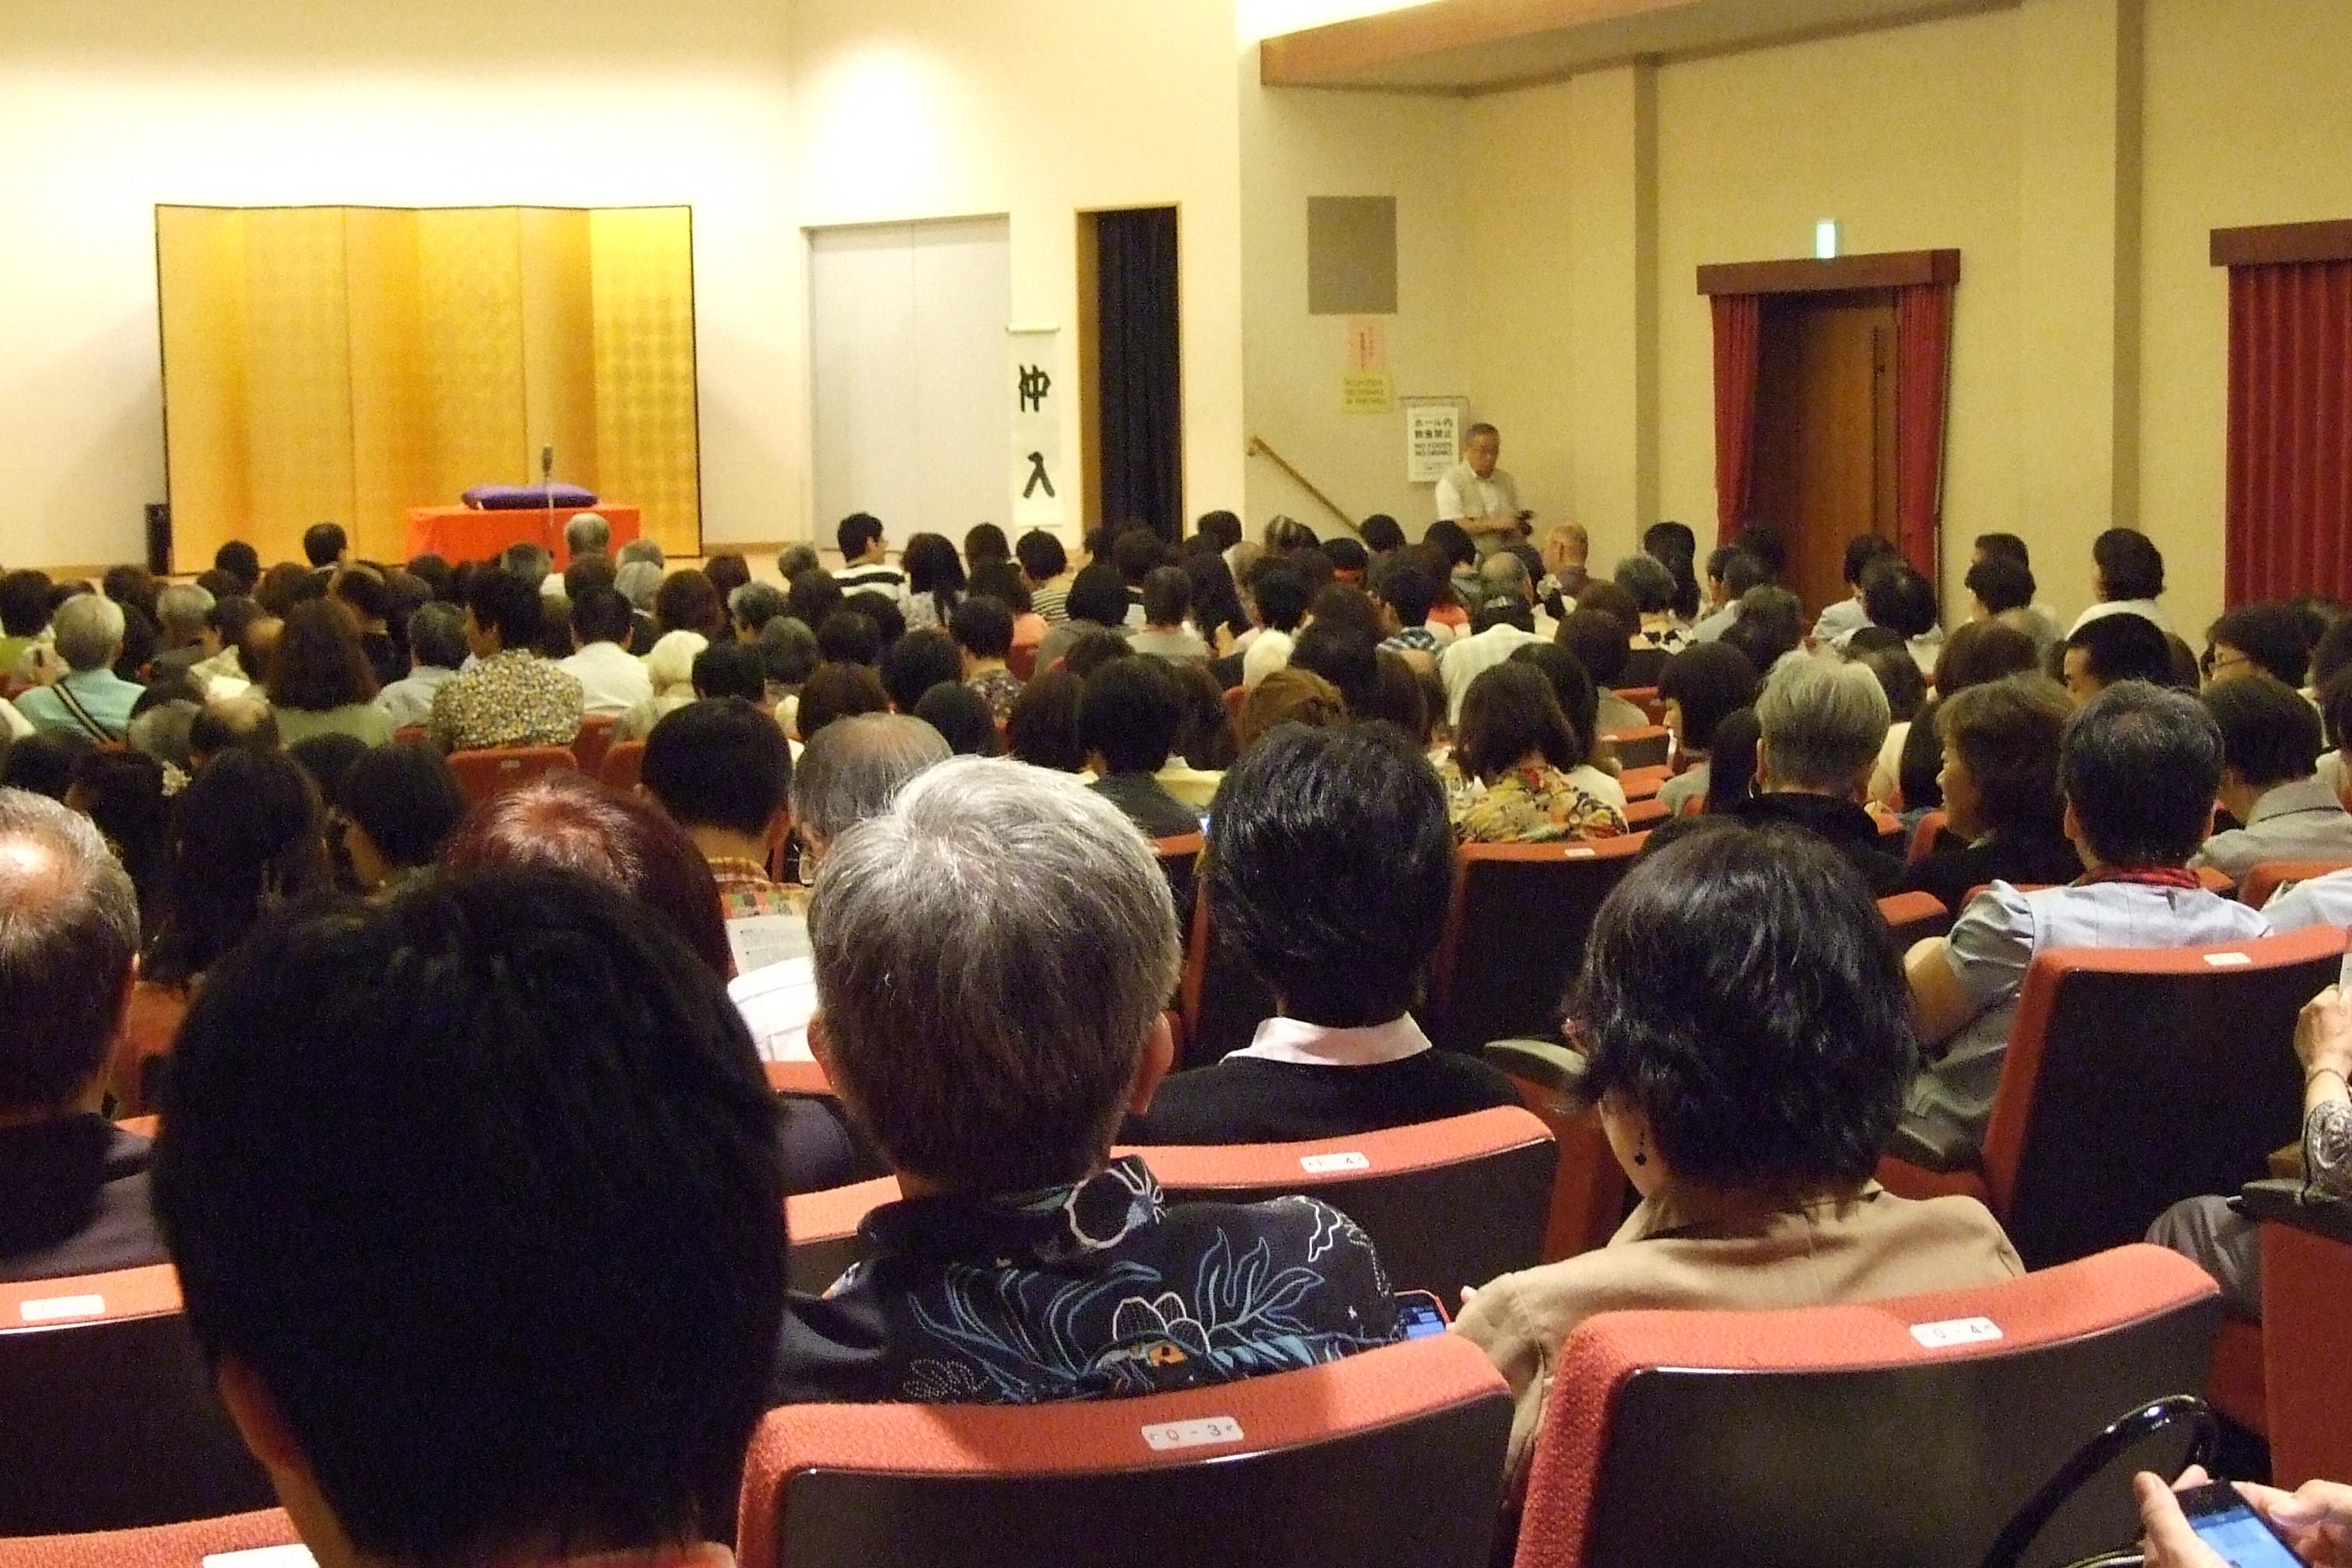 会場の大阪クリスチャンセンターOCCホールには、ほぼ満員の250人以上のお客さんがつめかけた